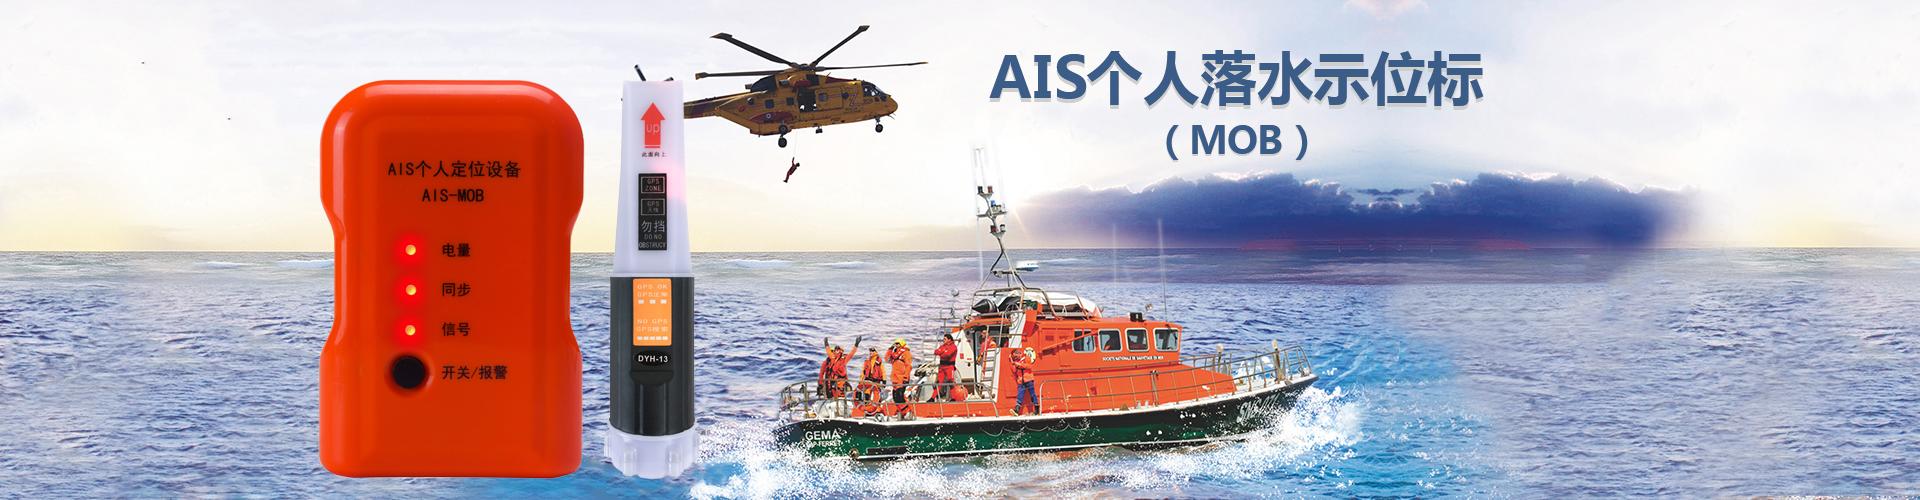 AIS,示乐鱼体育在线登录,乐鱼娱乐网站定位与导航